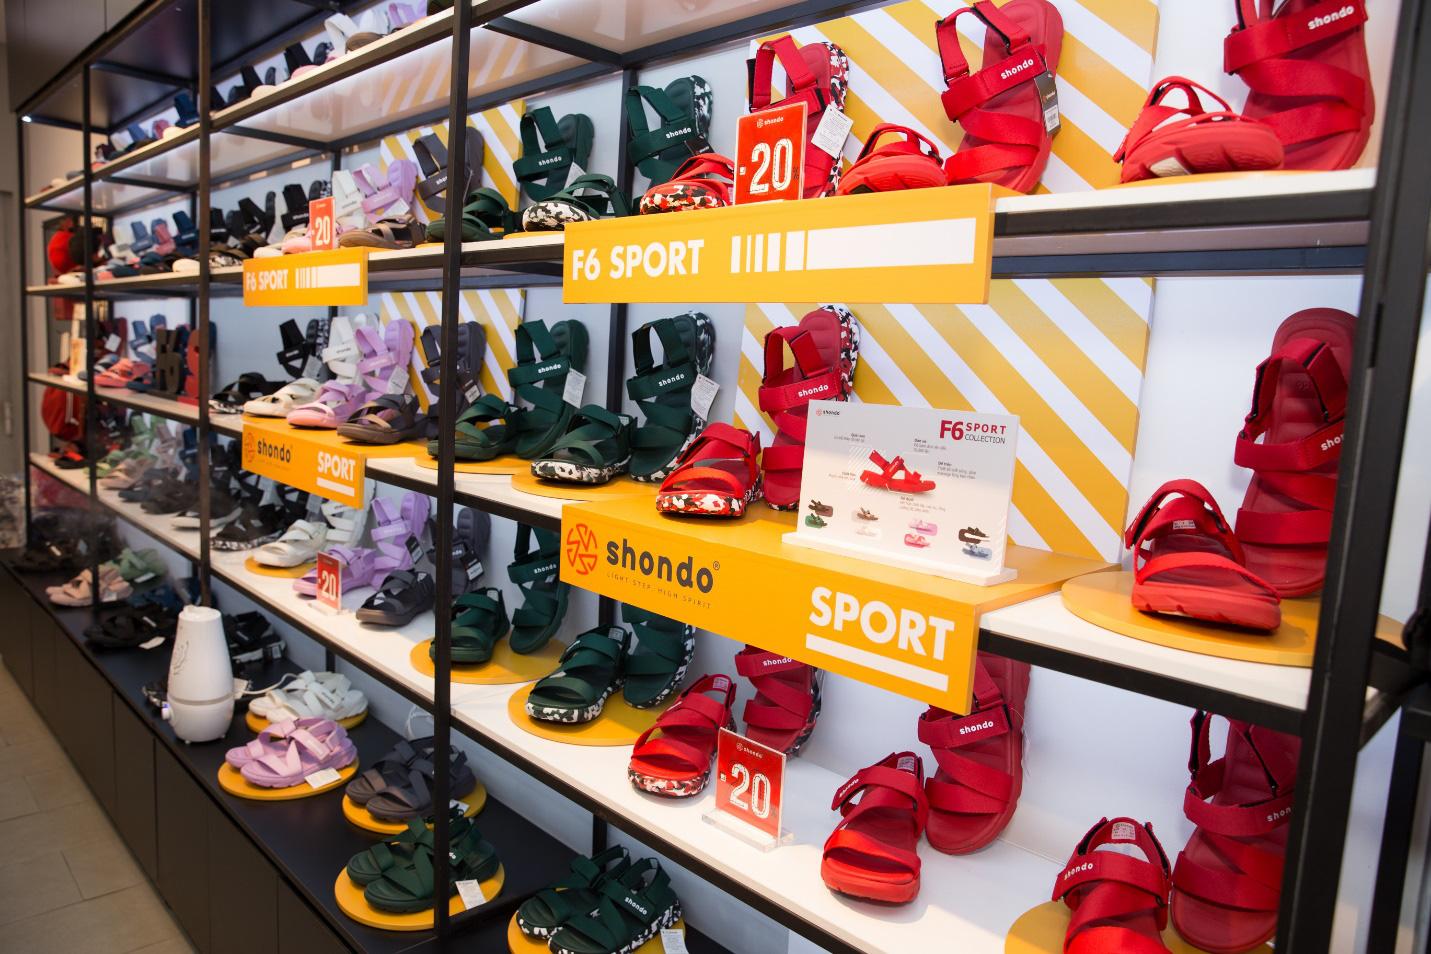 """Bão sale đổ bộ SHONDO - 3 chàng trai Simple Love mang cả """"store"""" giày sandals về nhà - Ảnh 7."""